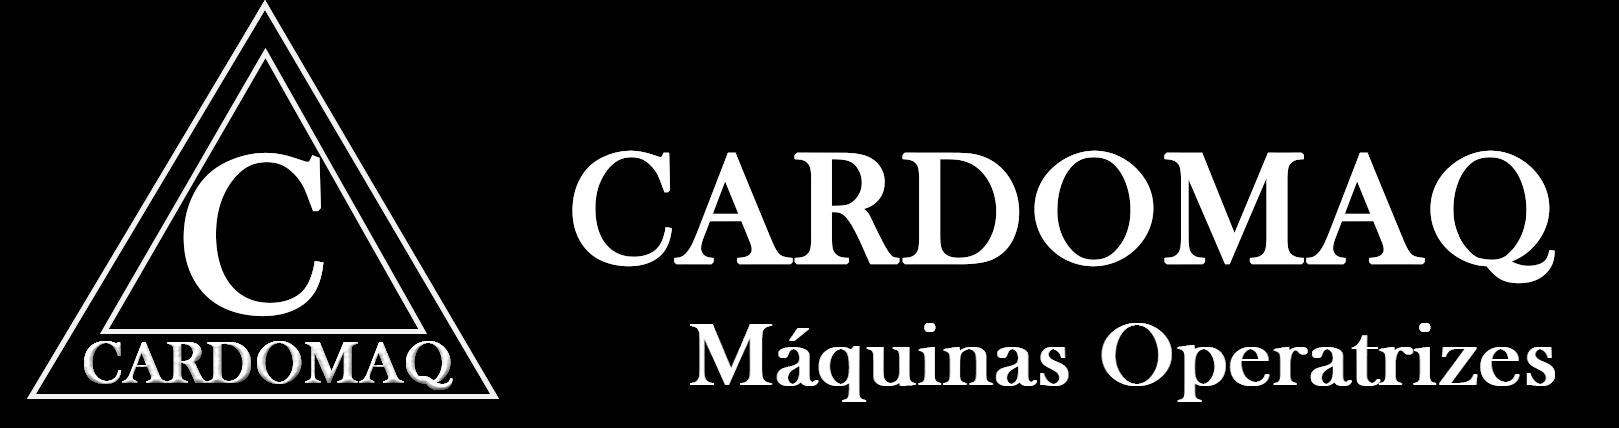 Cardomaq